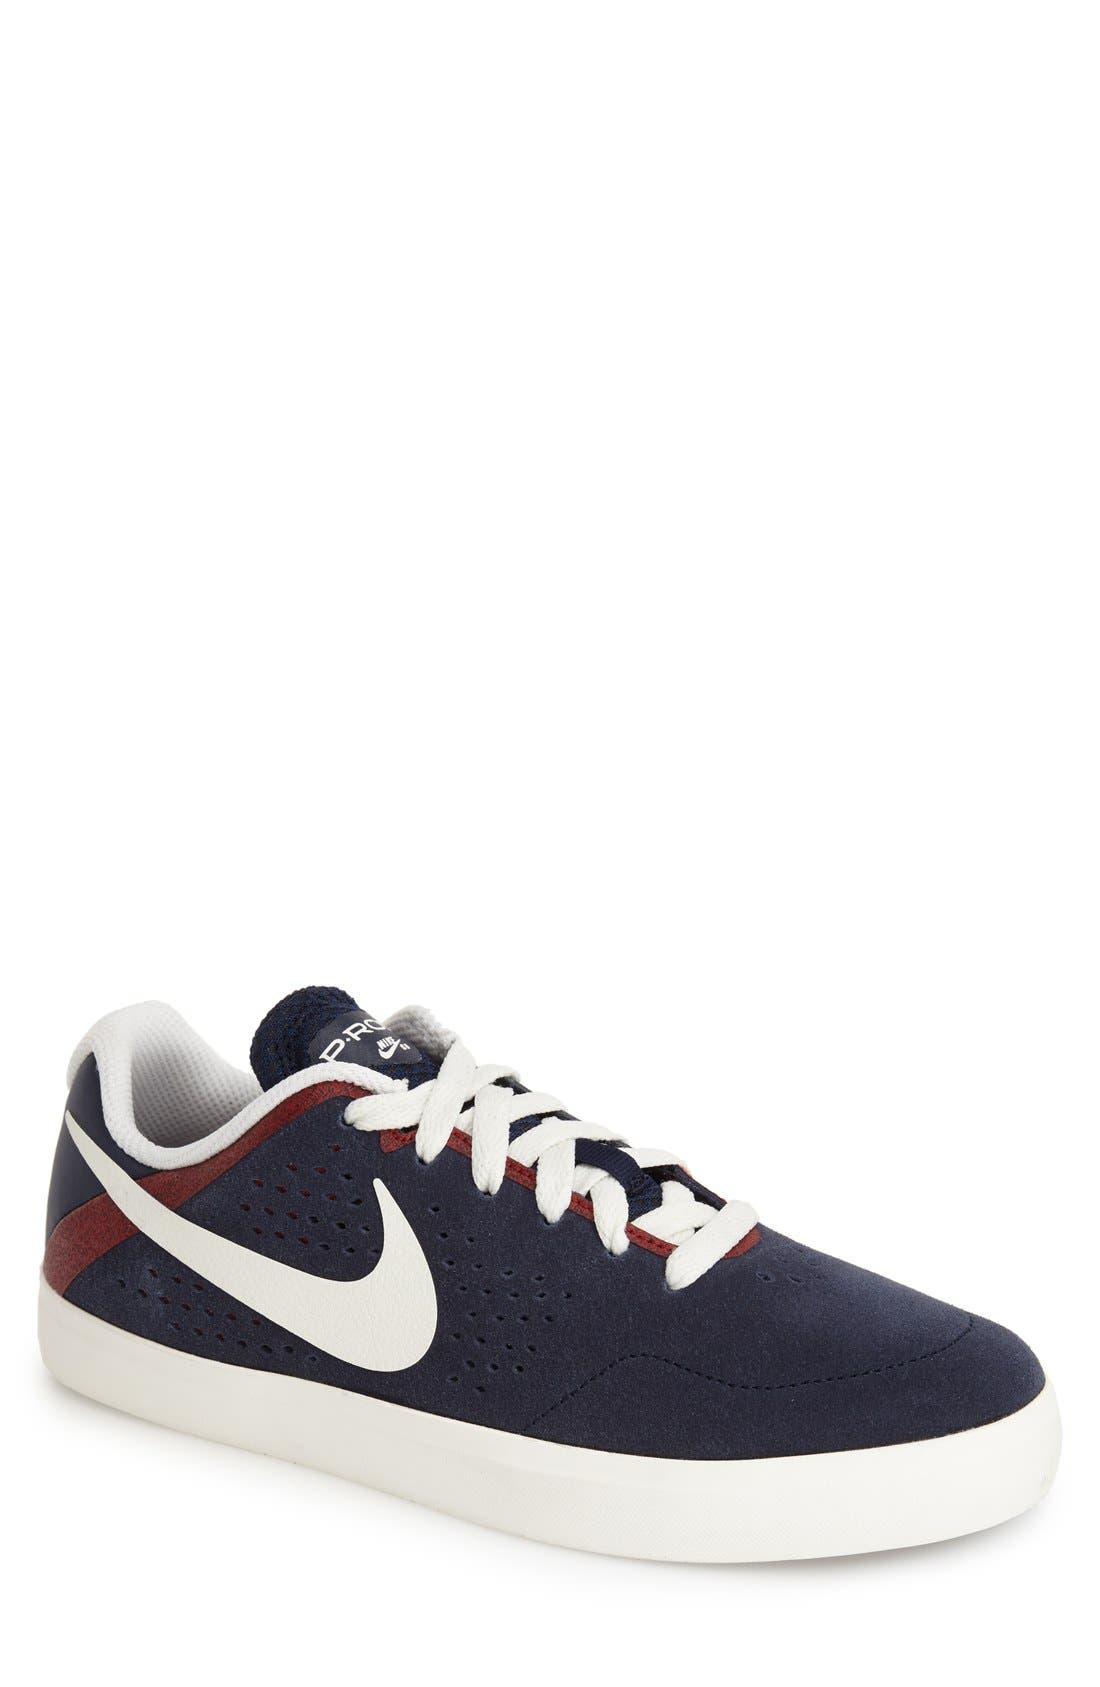 Main Image - Nike 'Paul Rodriguez CTD LR SB' Skate Shoe (Men)